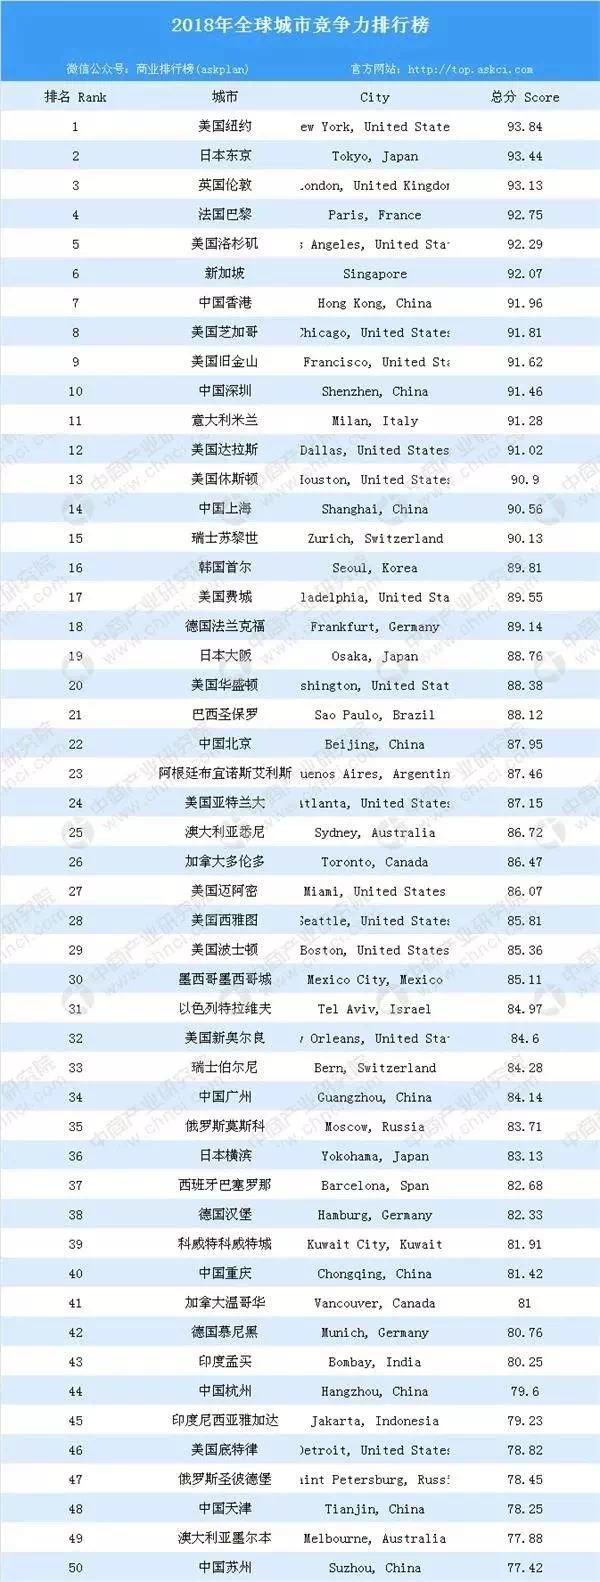 2018全球城市競爭力Top10出爐,深圳上榜!內地最強!